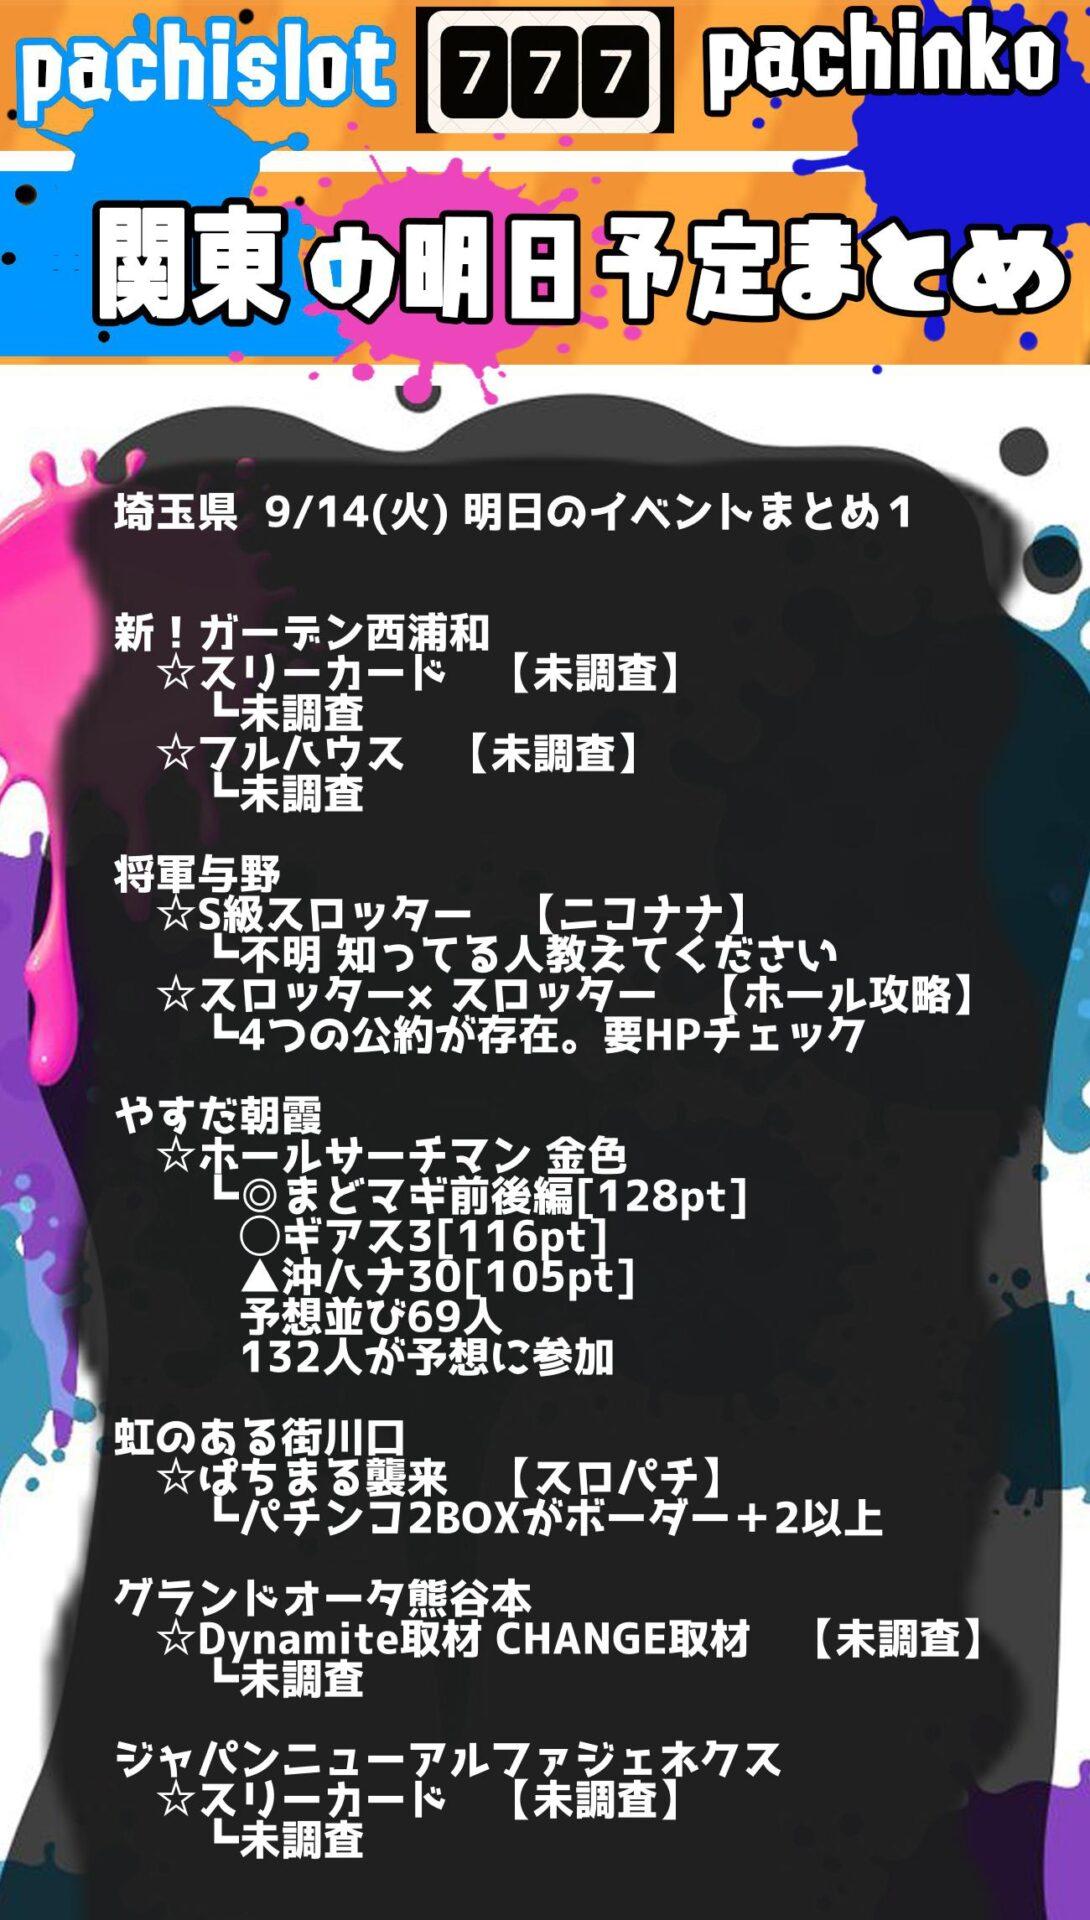 埼玉県_2021-09-14_パチンコ・パチスロ_イベント